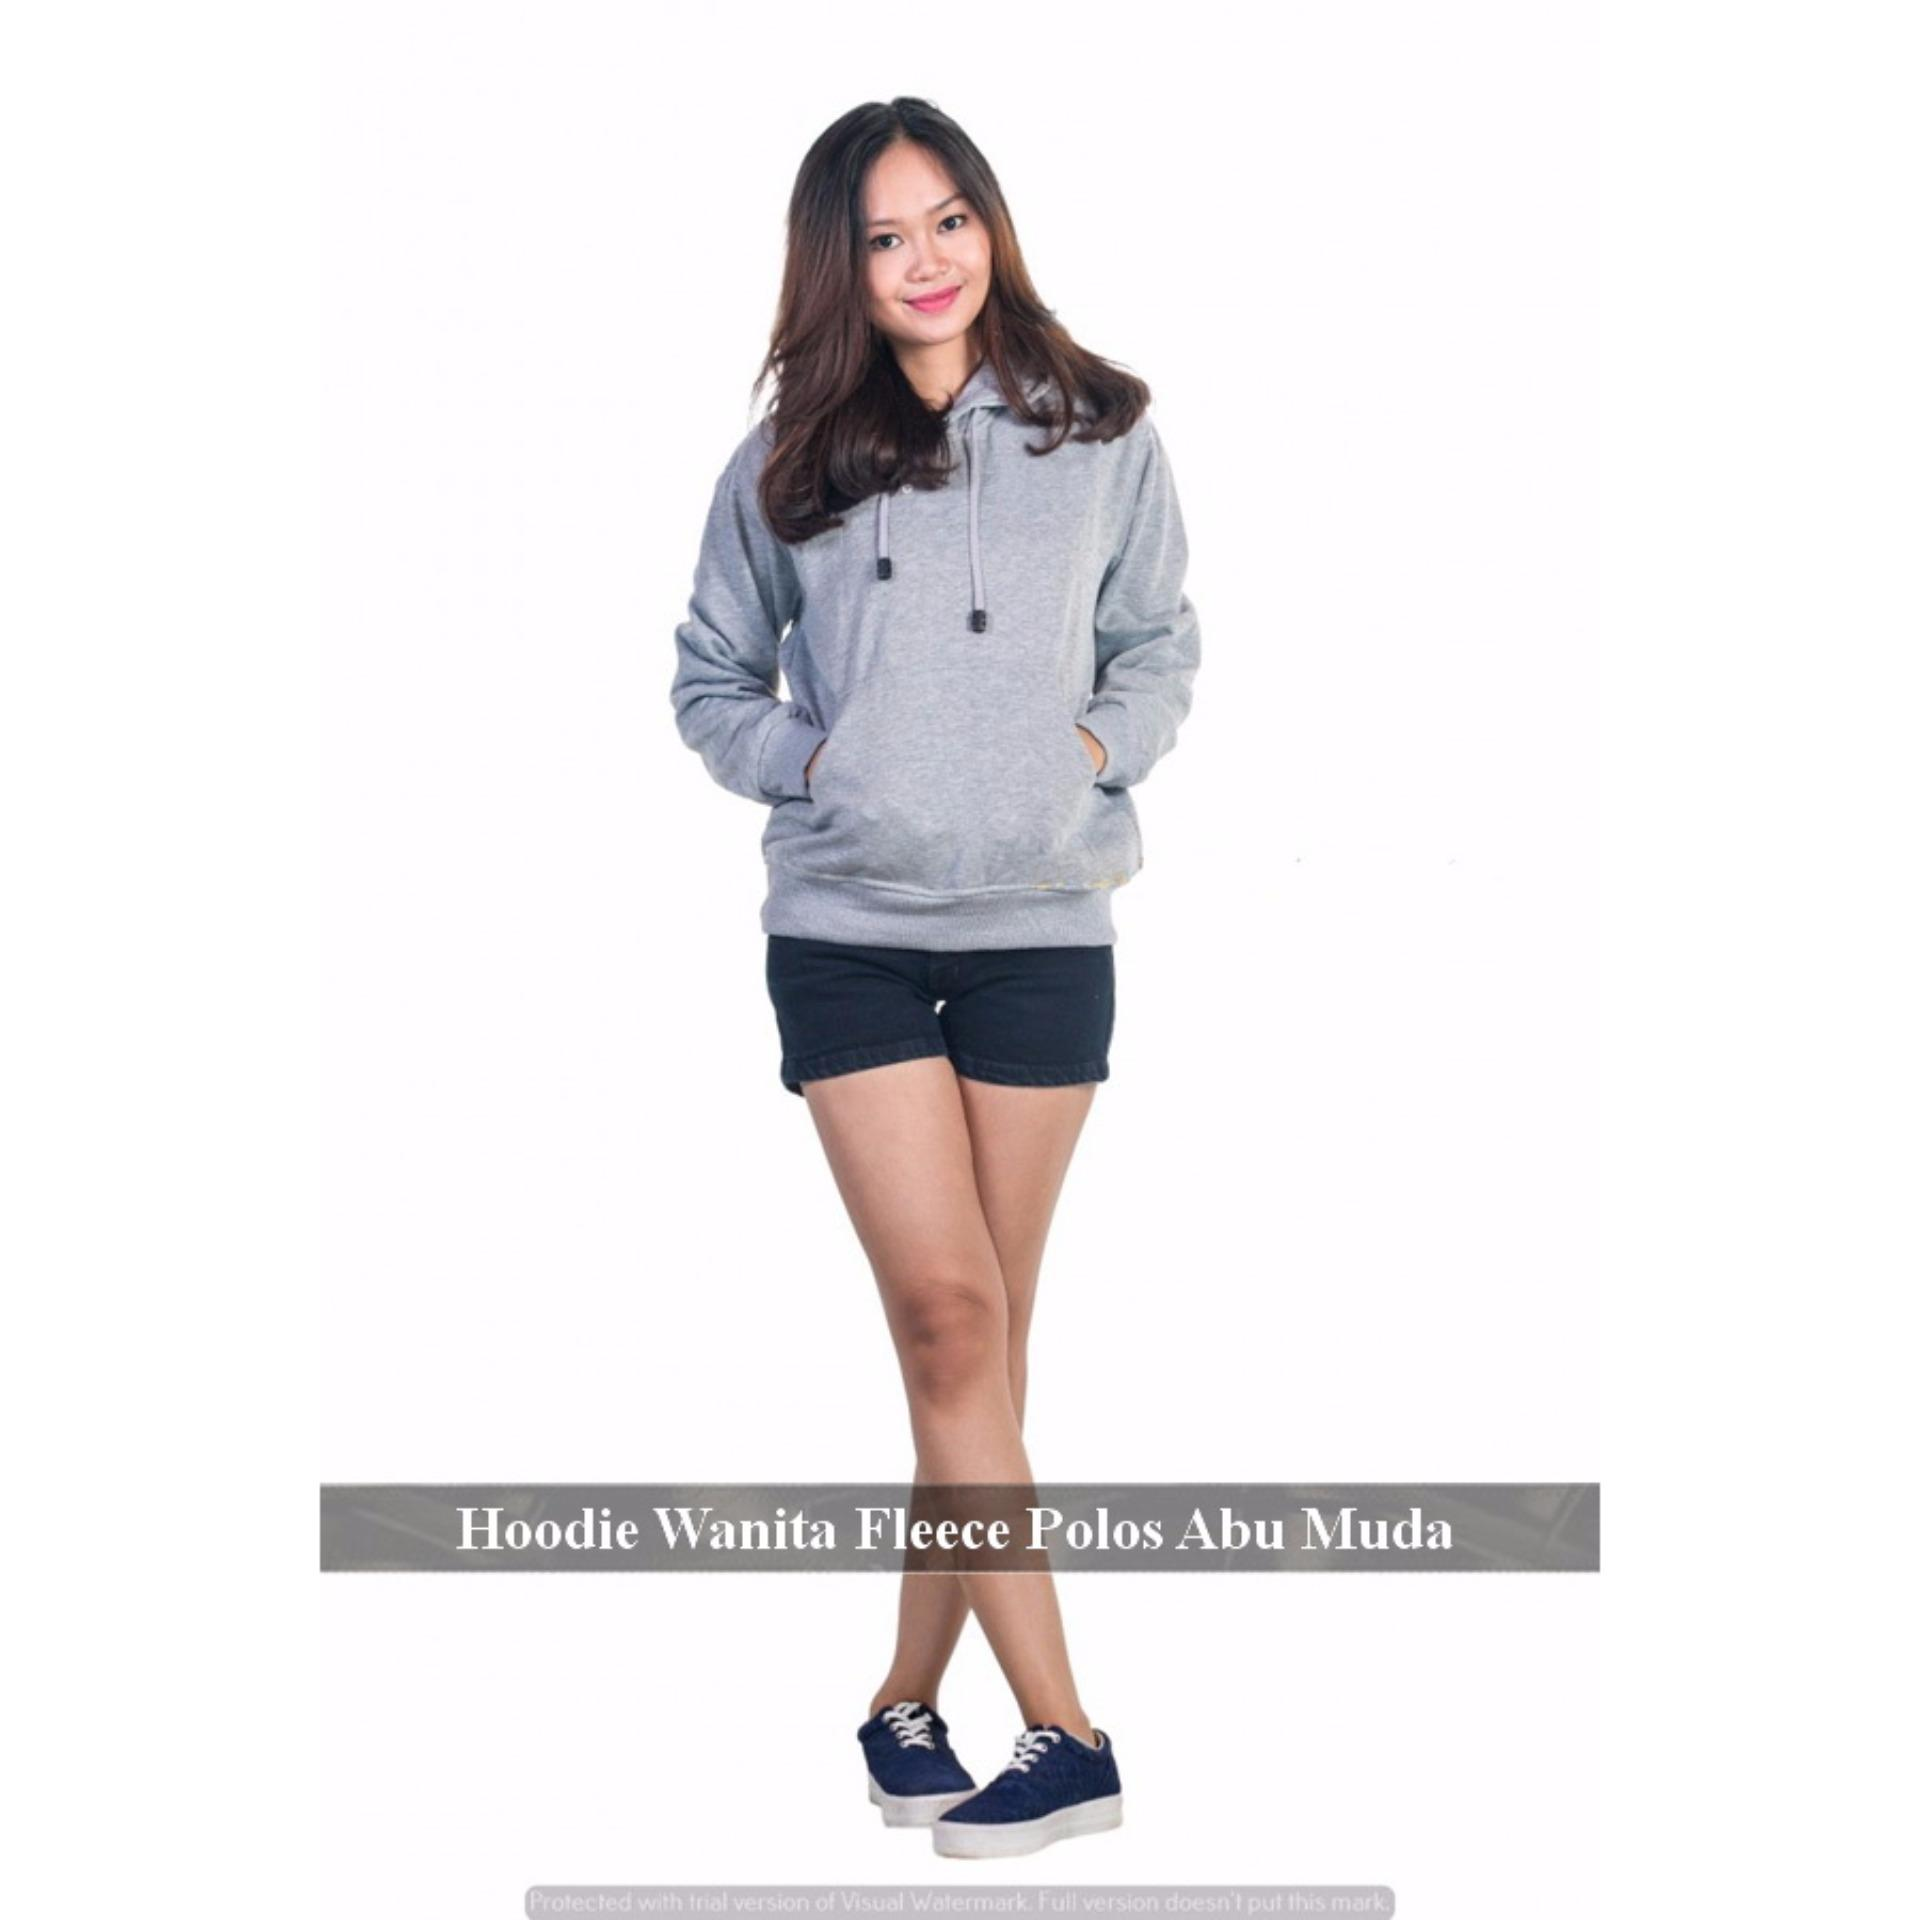 Spek Grosir Jaket Murah Sweater Hoodie Online Jumper Hoodie Wanita Polos Abu Muda Fleece